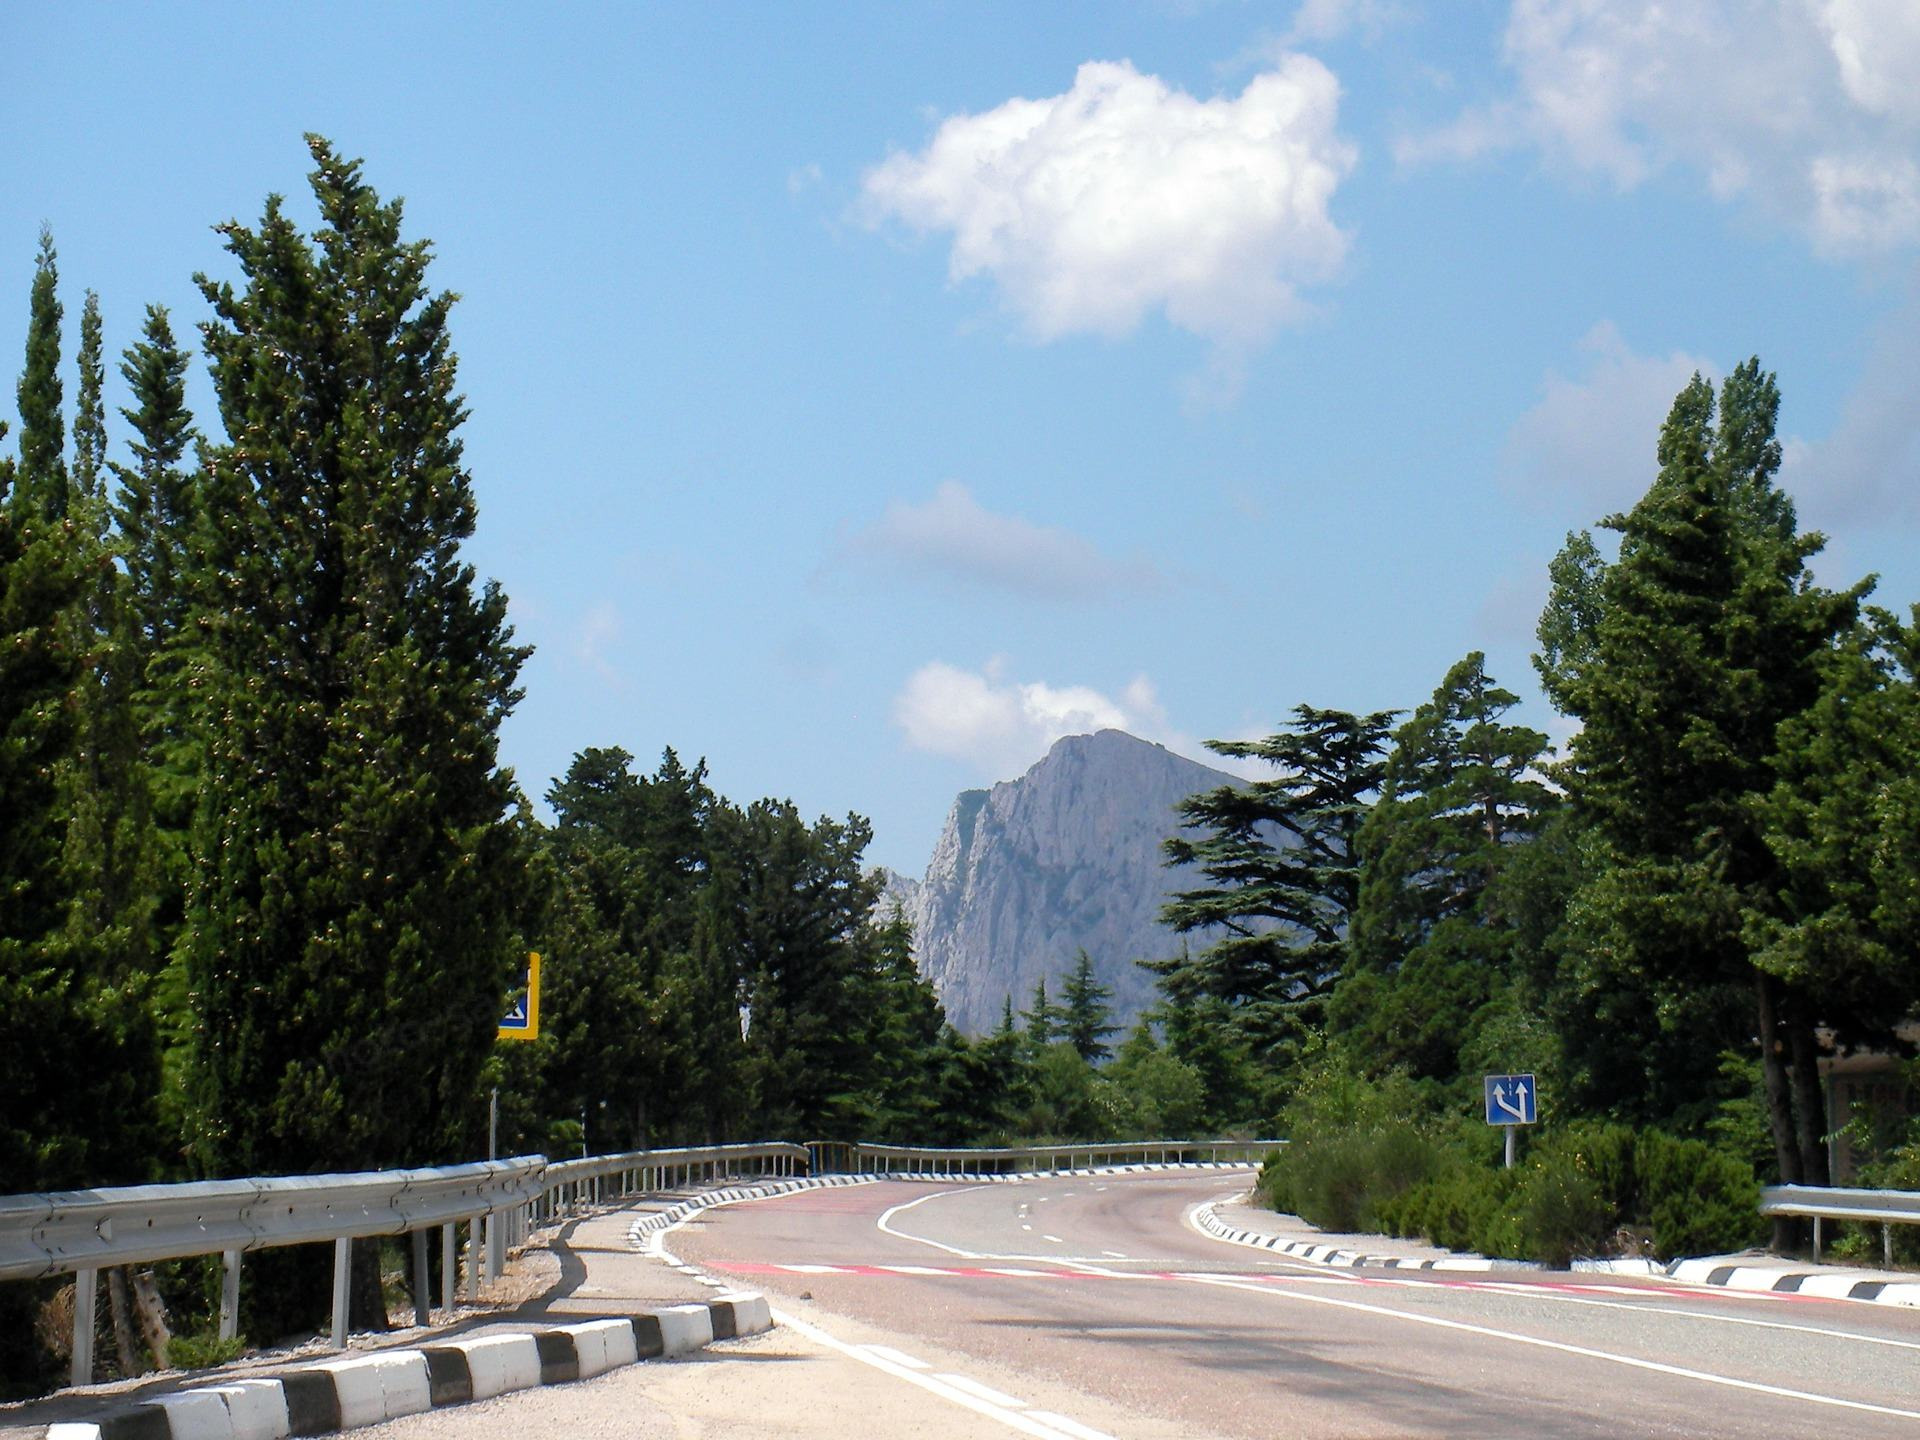 เทือกเขาถนนระหว่างต้นไม้และท้องฟ้ามีเมฆมาก